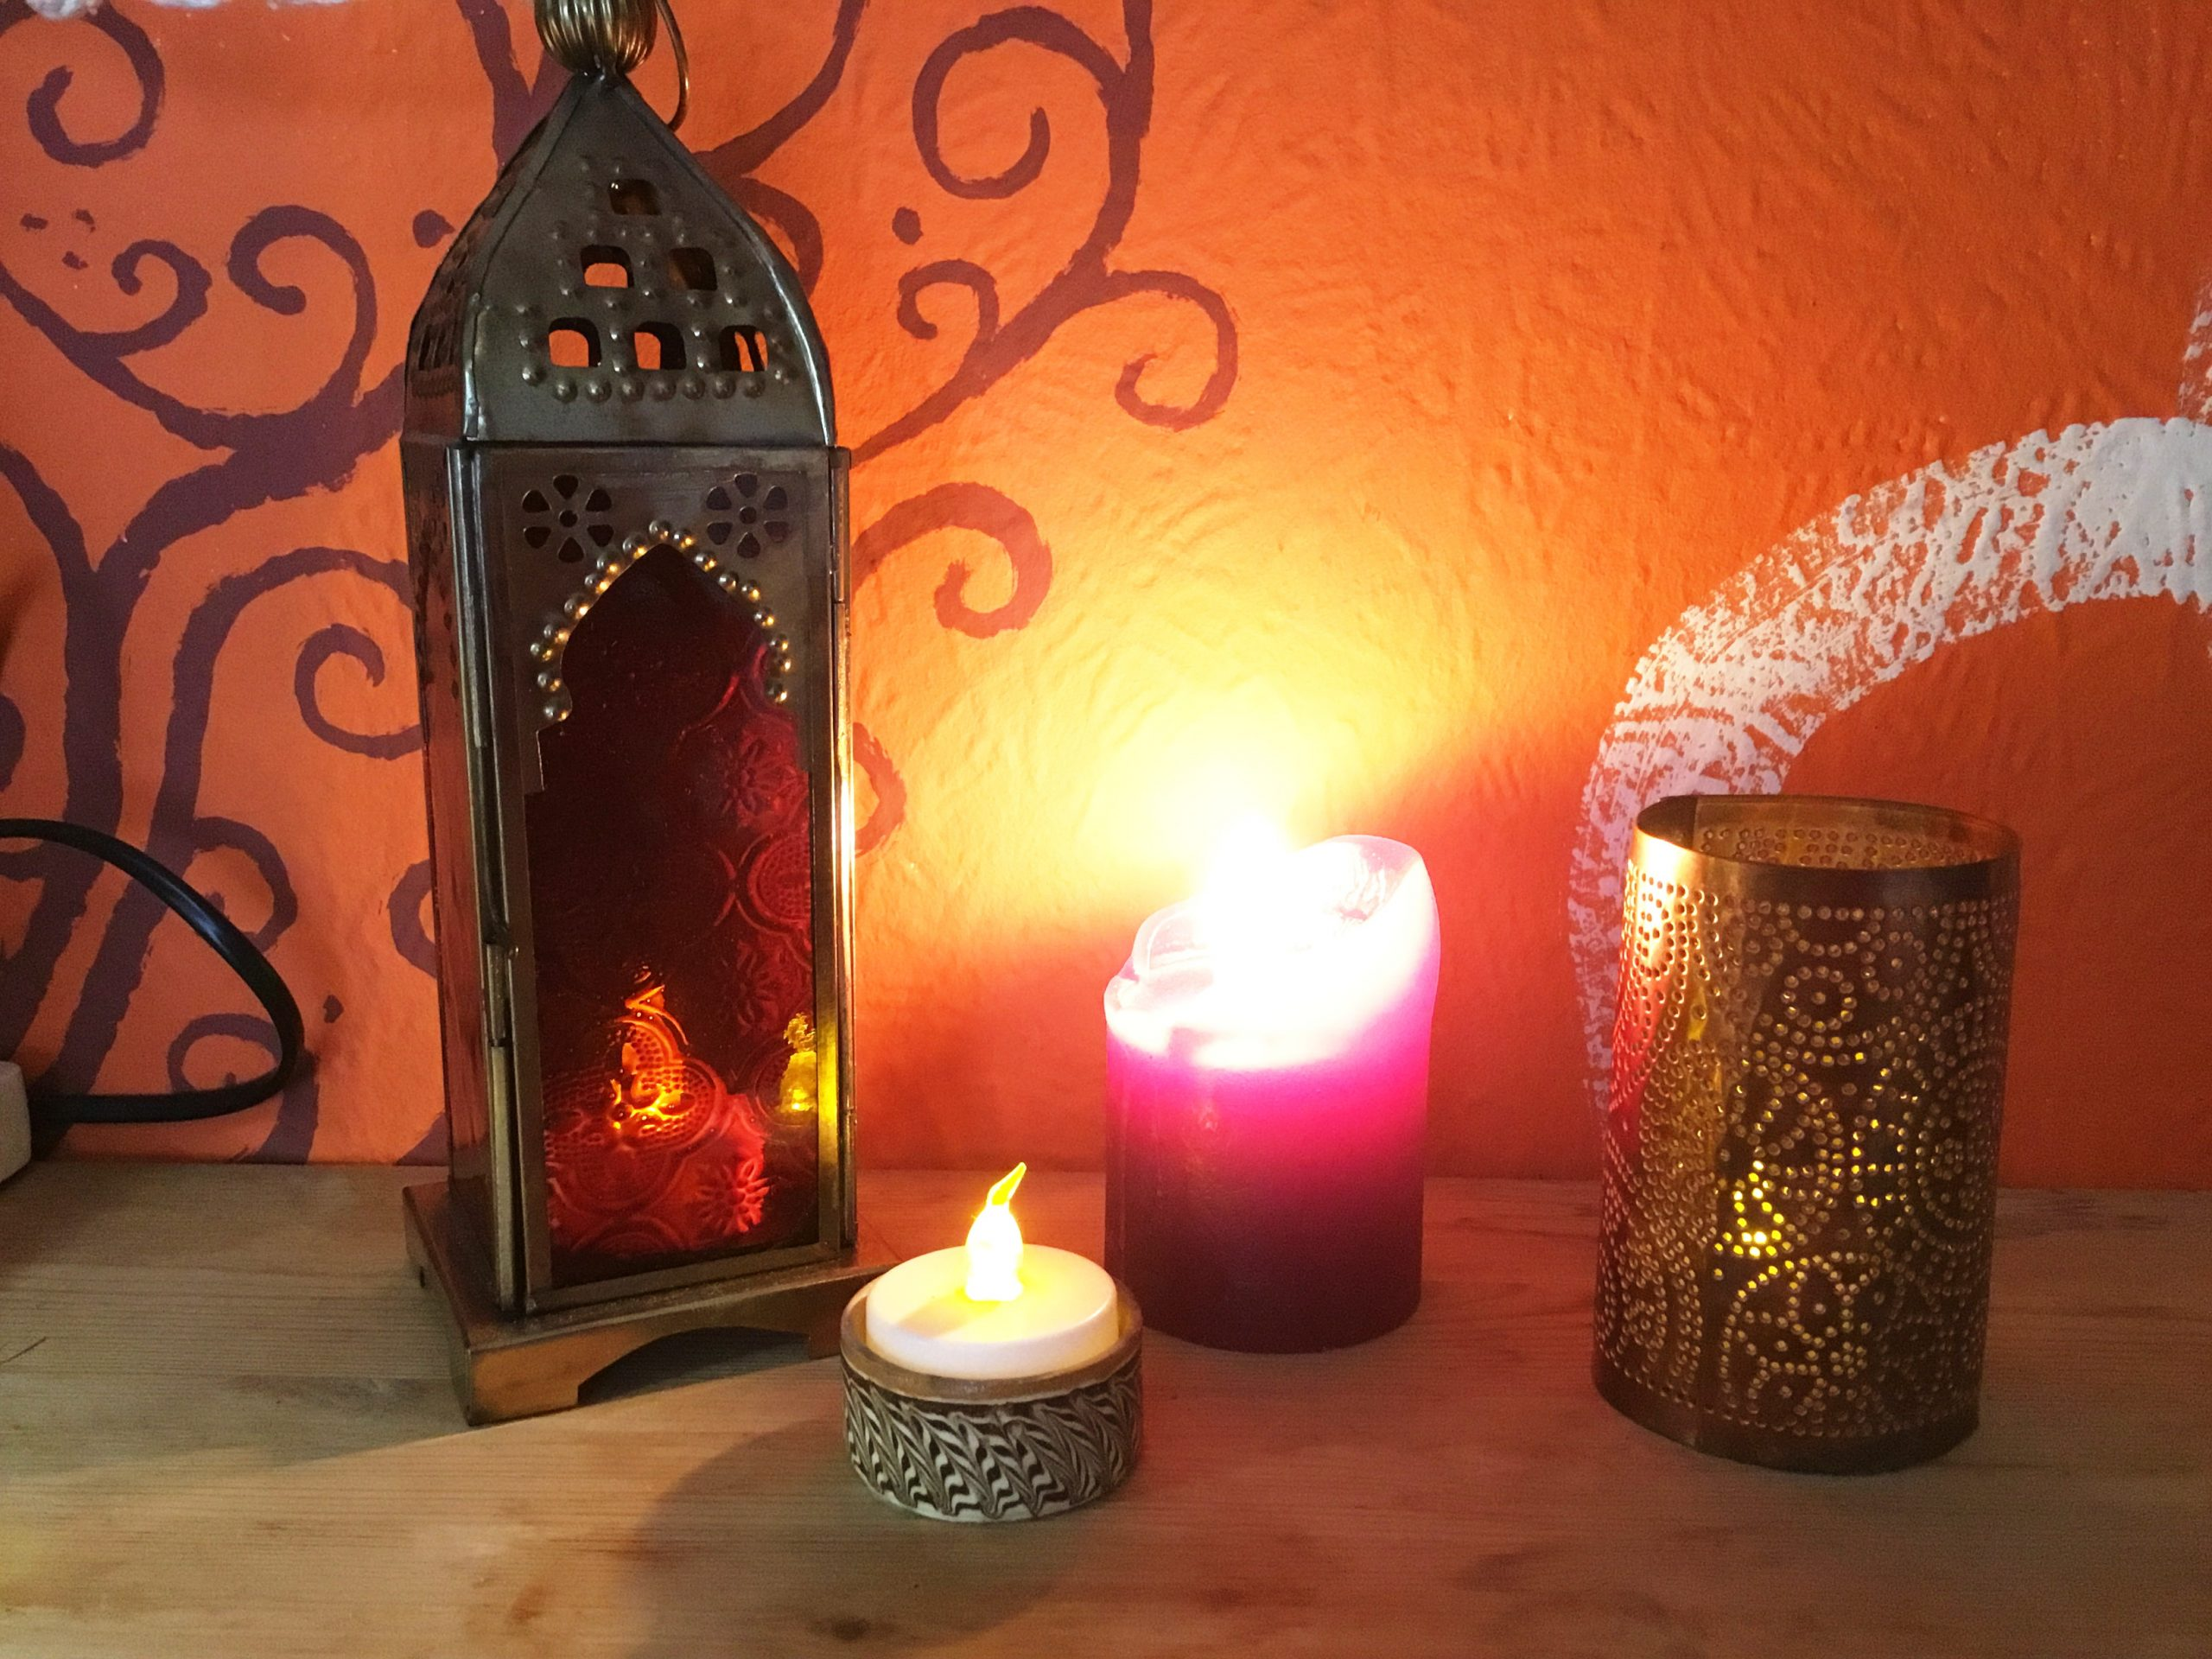 Richtig! Die richtige Beleuchtung – zum Beispiel mit Kerzenschein – verbreitet eine warme Stimmung. 🕯